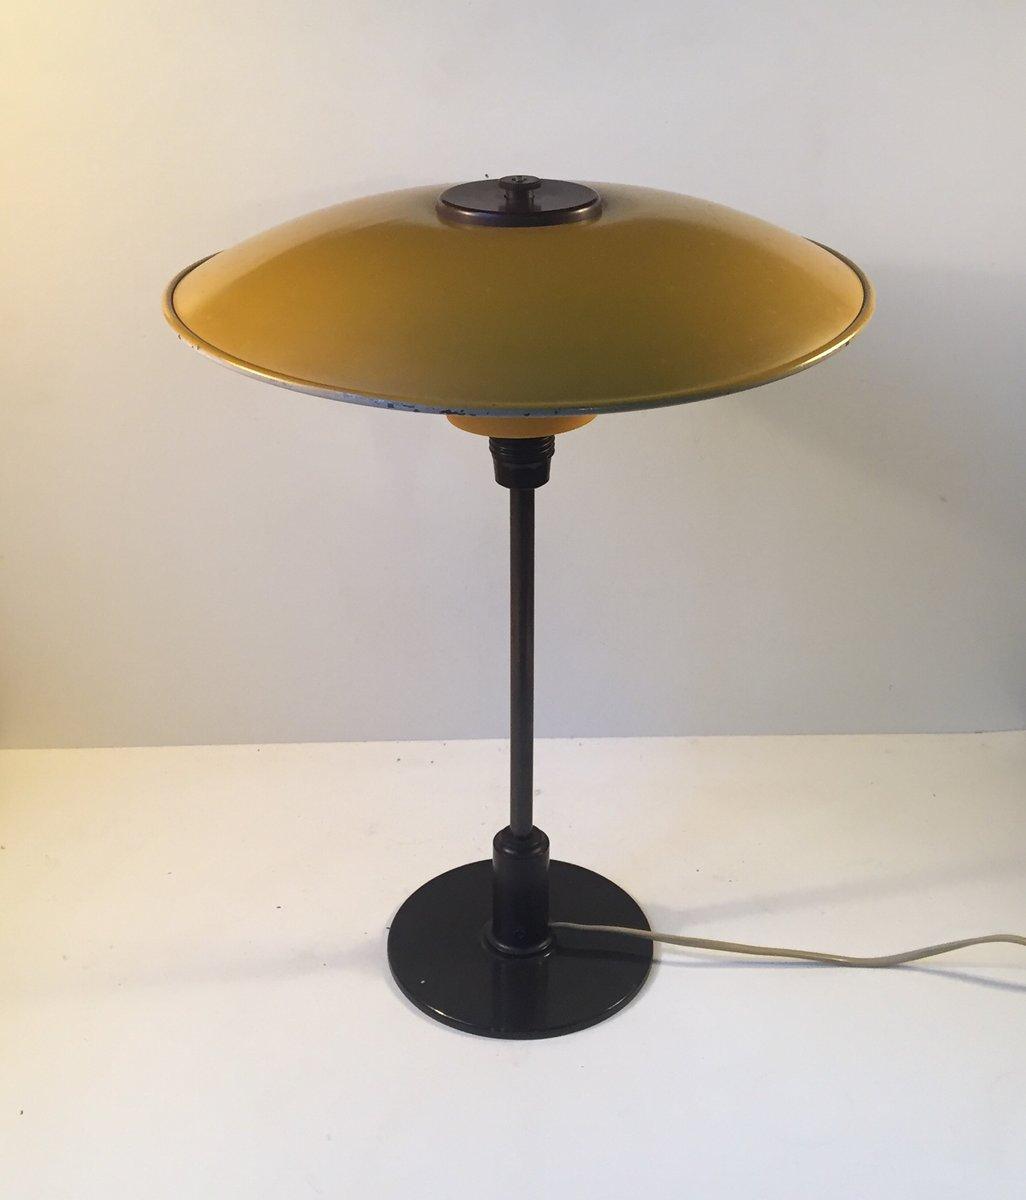 lampe de table ph 3 5 2 par poul henningsen pour louis poulsen 1930s en vente sur pamono. Black Bedroom Furniture Sets. Home Design Ideas